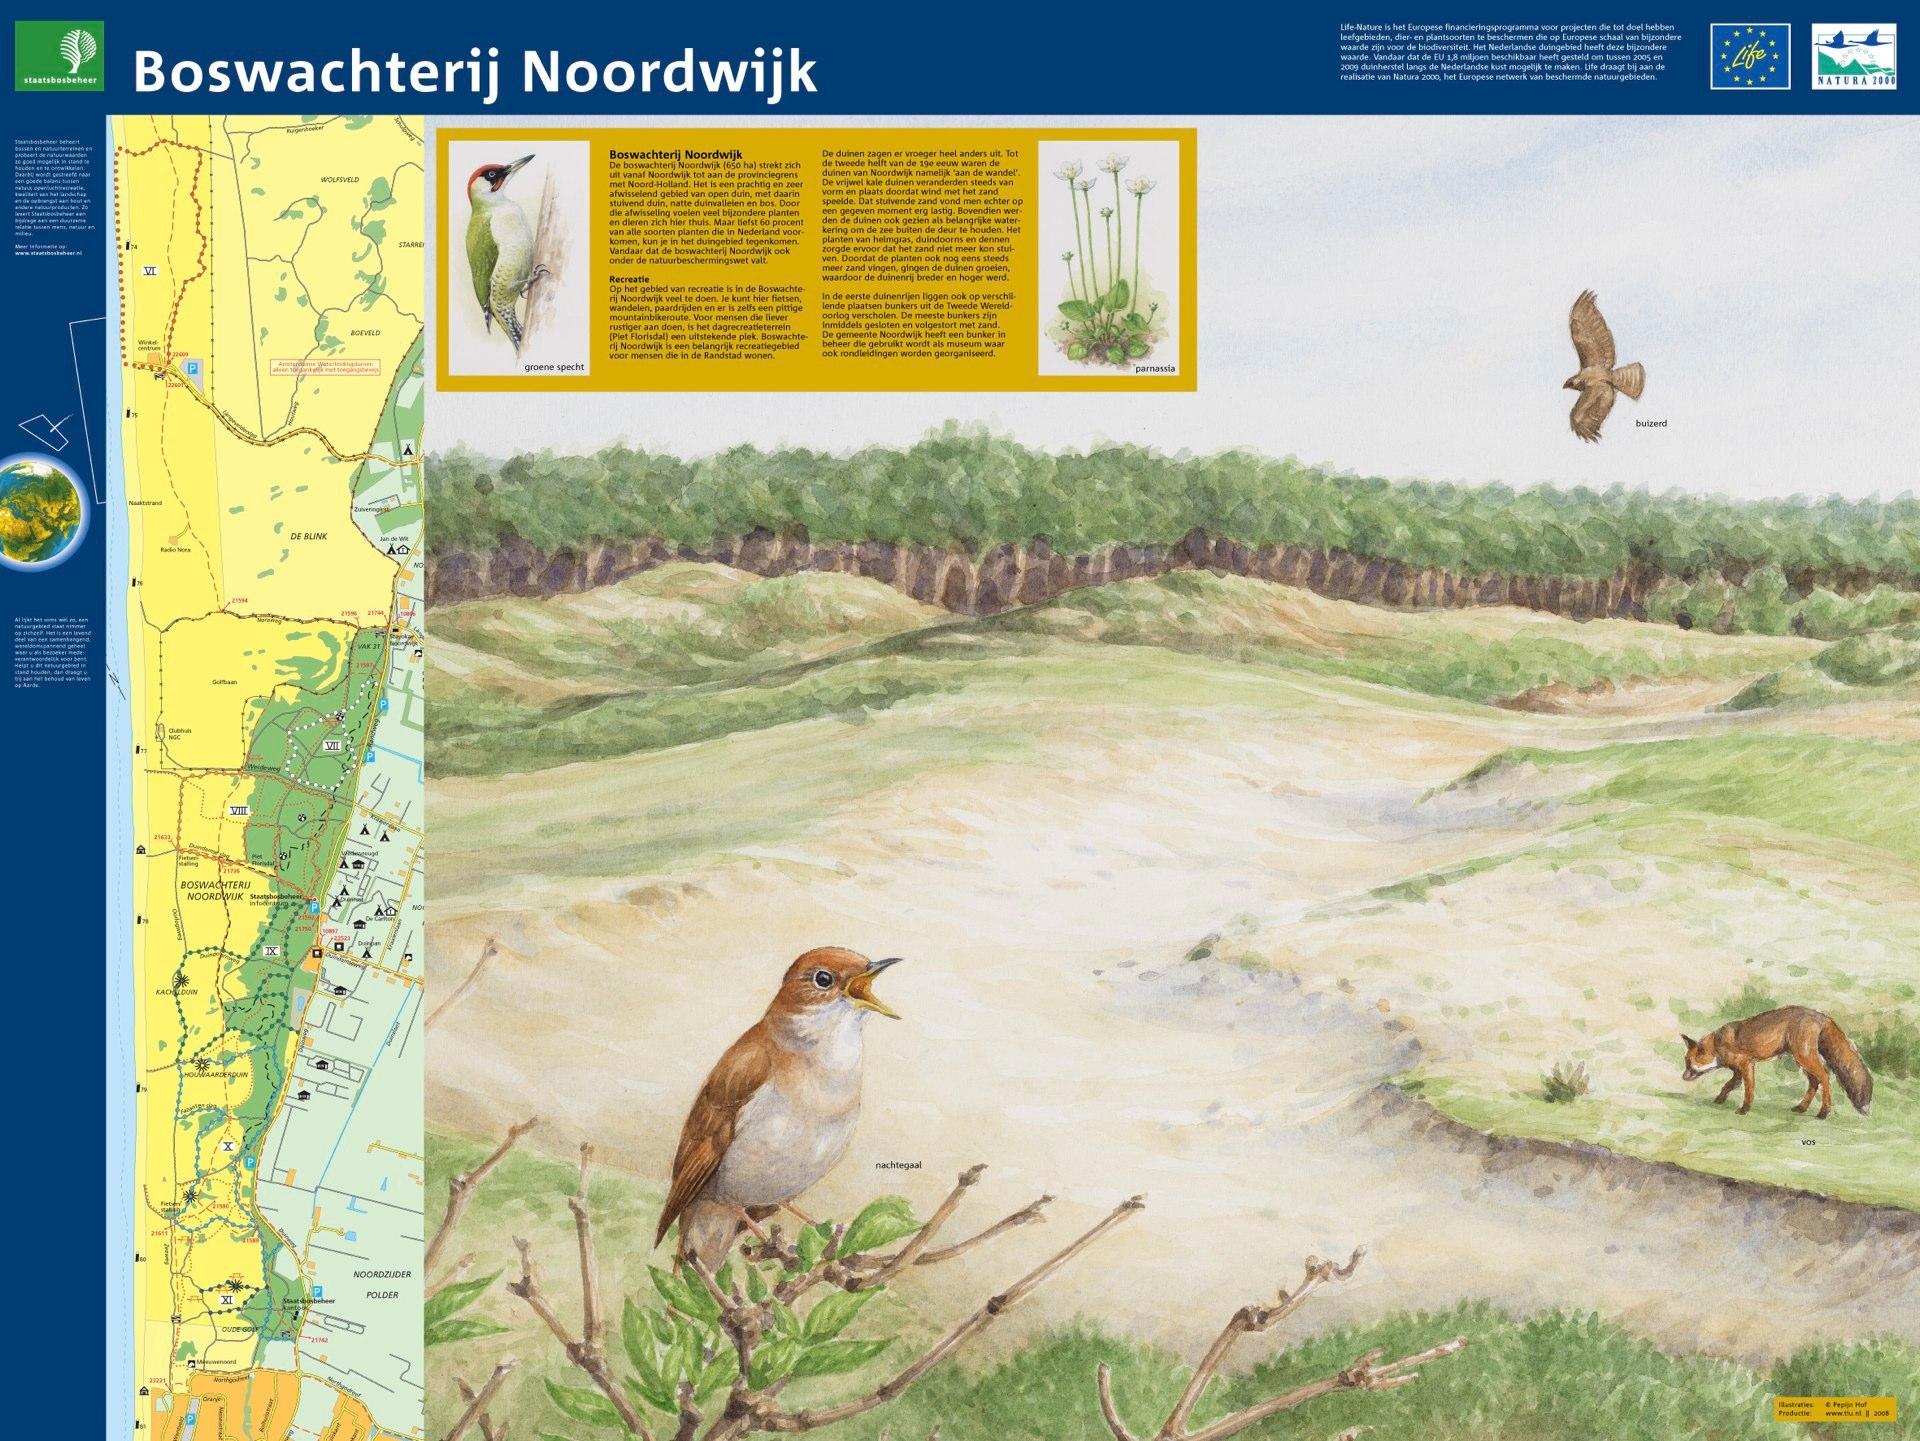 Boswachterij Noordwijk